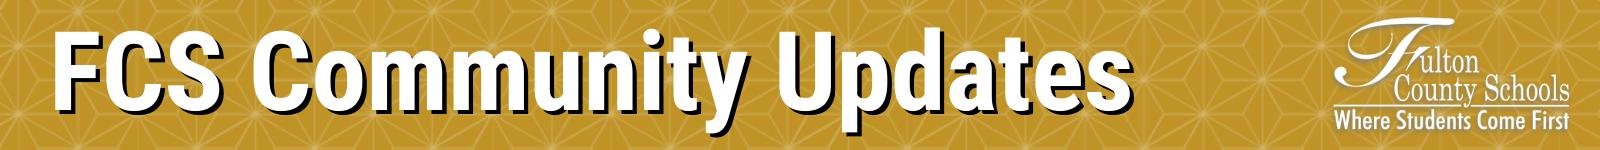 FCS Community Update